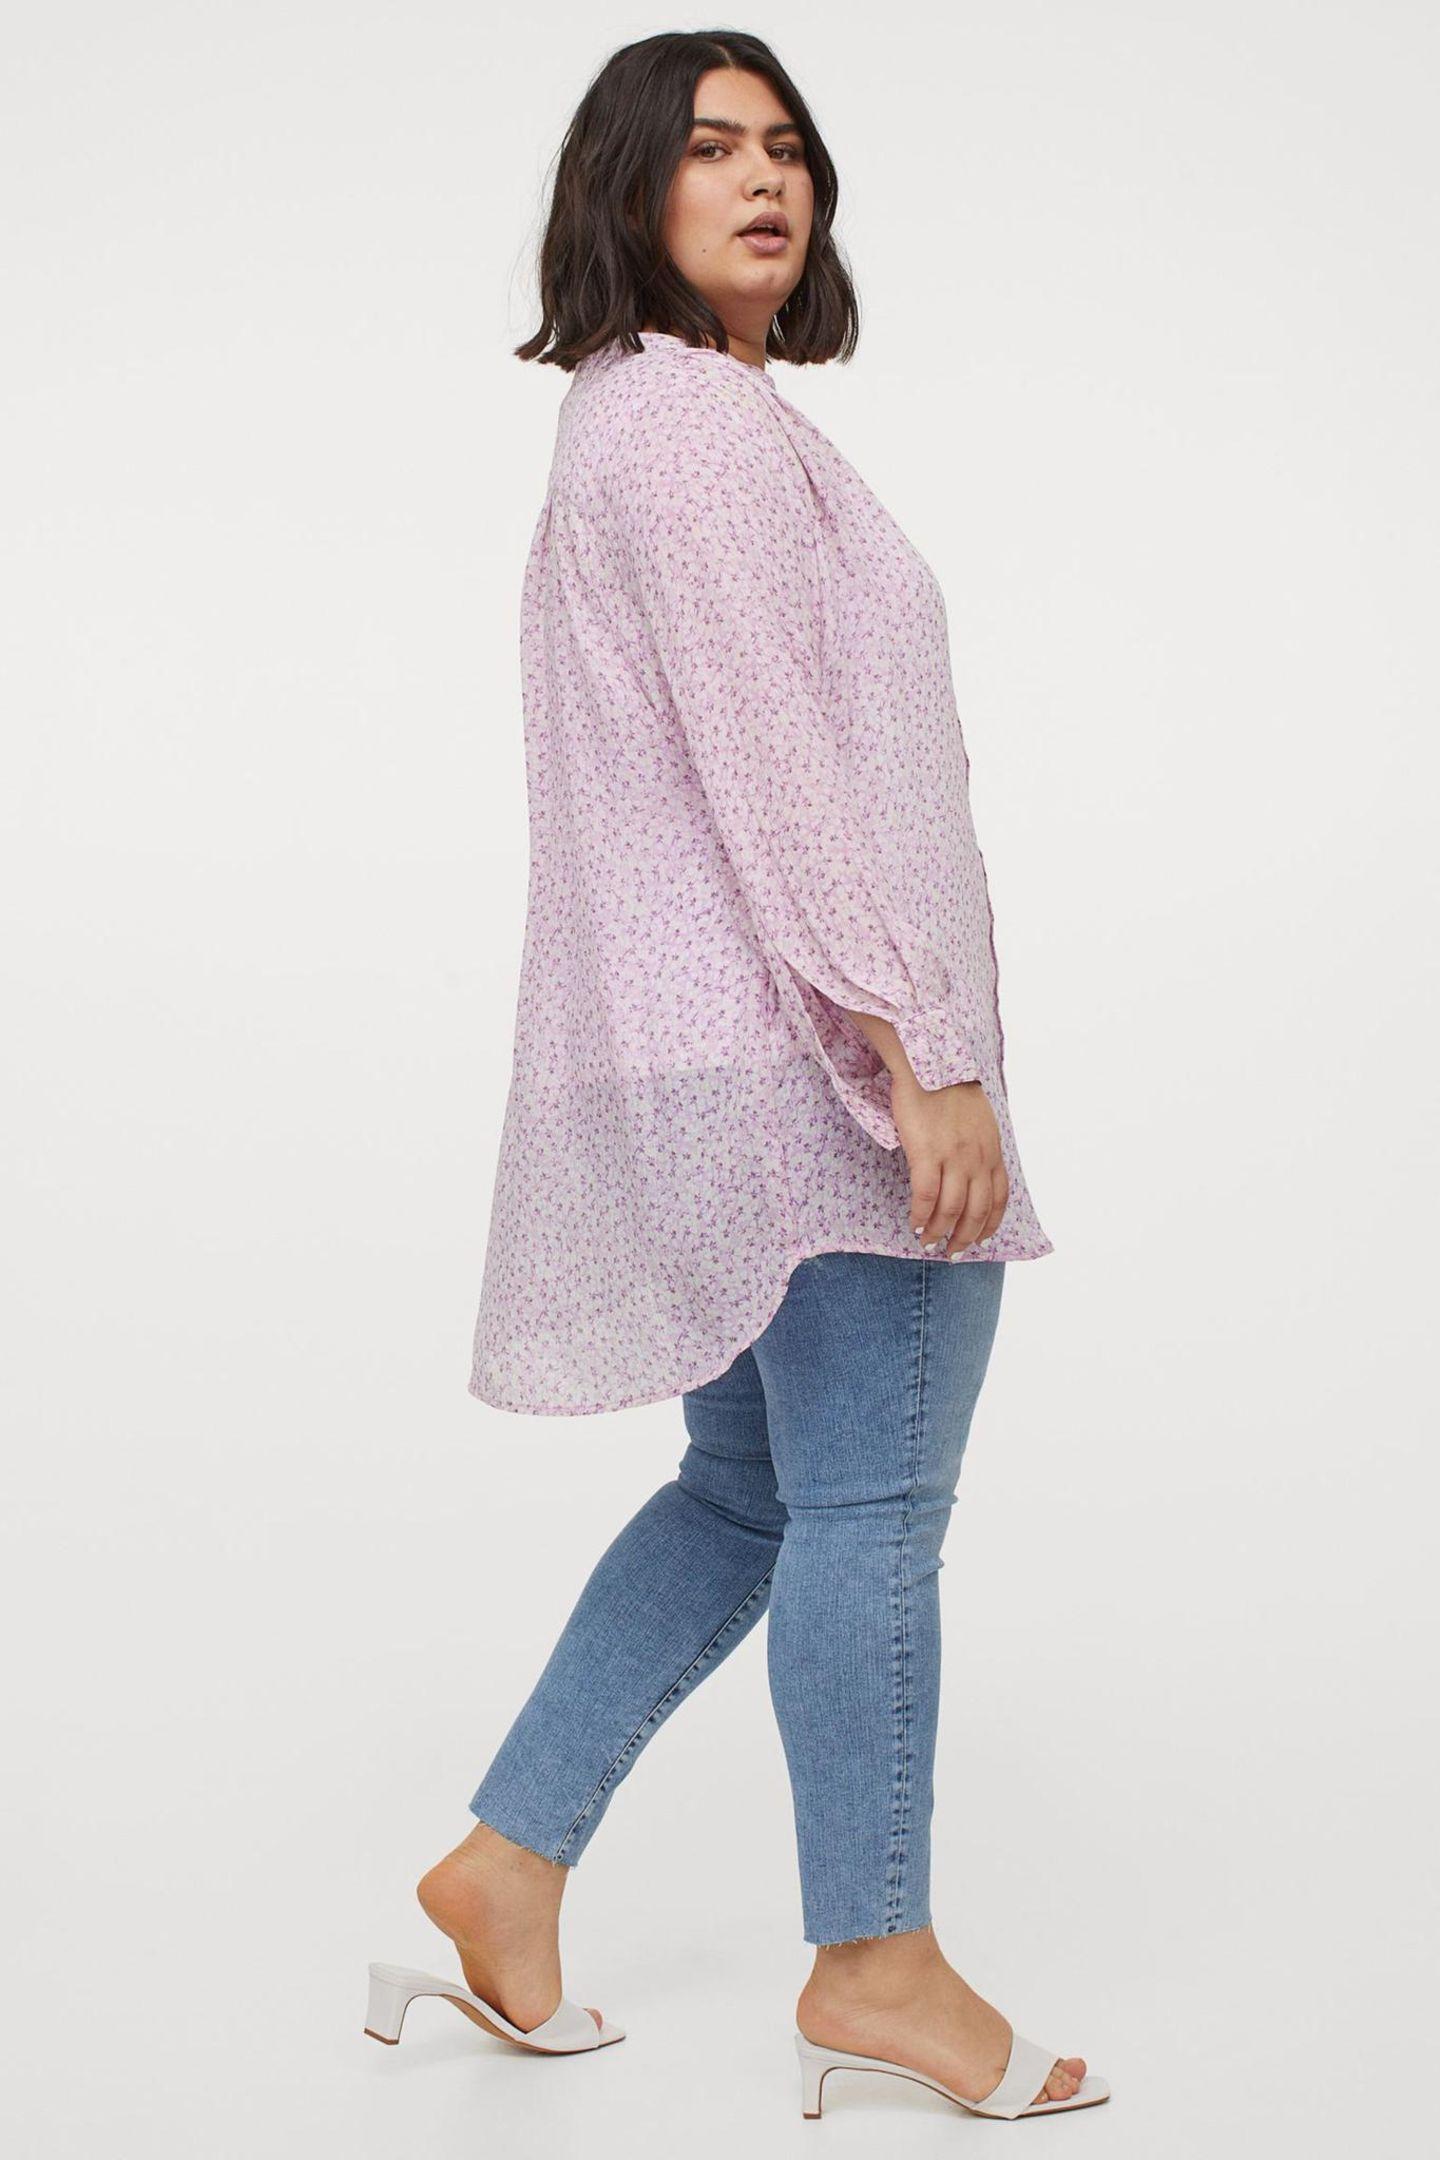 Blumen gehören zum Sommereinfach dazu. Umso schöner, dass indieser Bluse einweitererSummer-Favoritvereint wird: Pastell. In einem sanften Fliederton katapultiert sich dieses It-Piece ganz oben auf unsere Shoppingliste. Von H&M, kostet ca. 20 Euro.